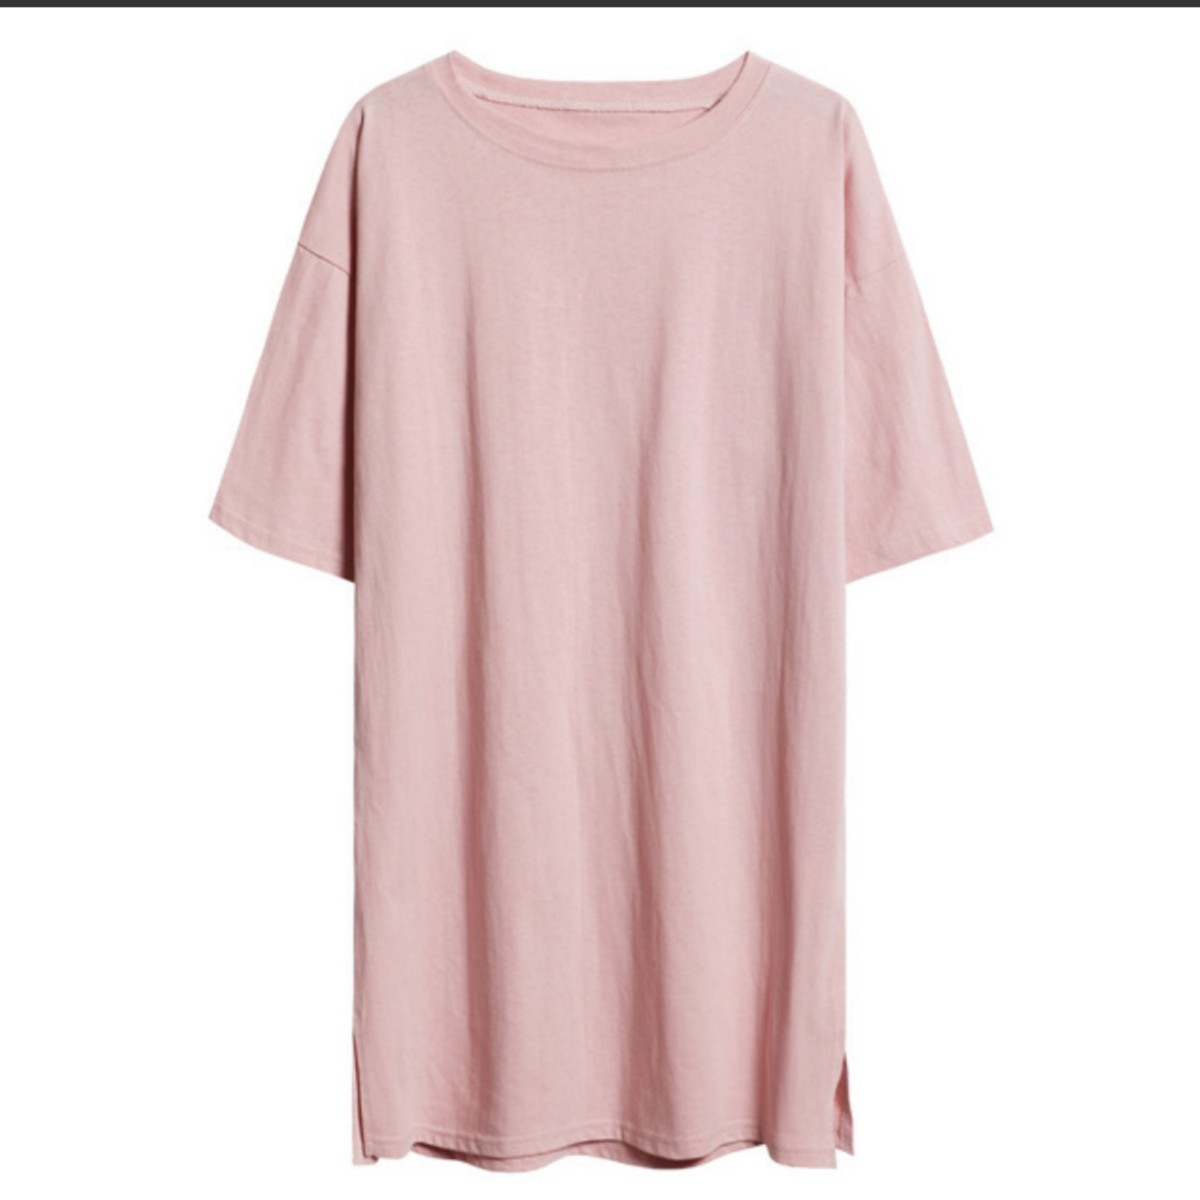 オーバーサイズロング丈半袖カットソー Tシャツ 【Lサイズ】